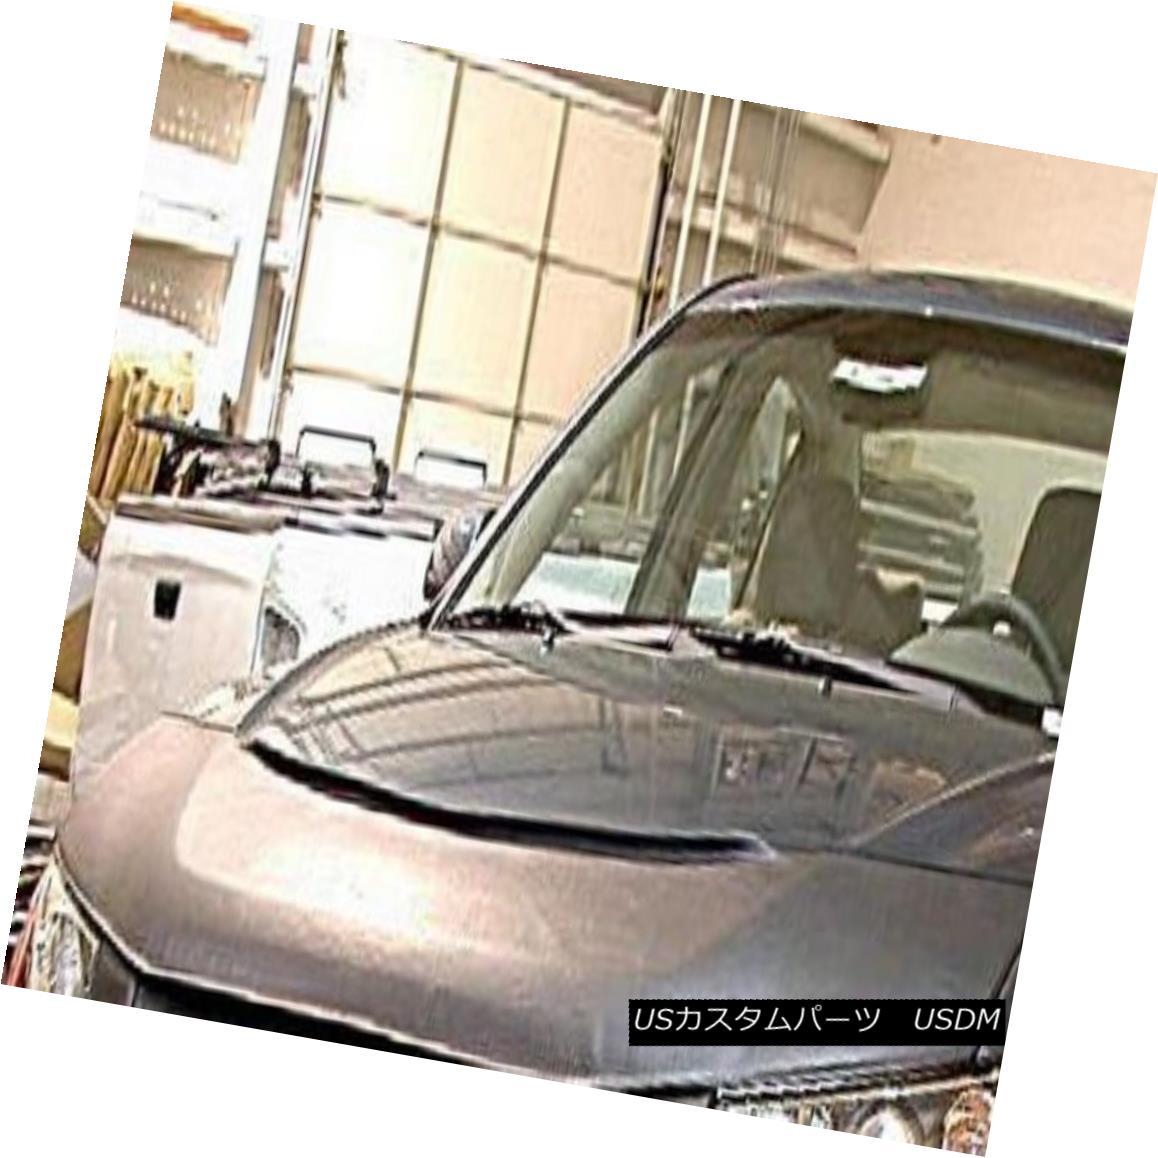 フルブラ ノーズブラ Lebra Hood Protector Mini Mask Bra Fits 2006-2008 Hyundai Sonata Lebraフードプロテクターミニマスクブラは2006-2008現代ソナタフィット